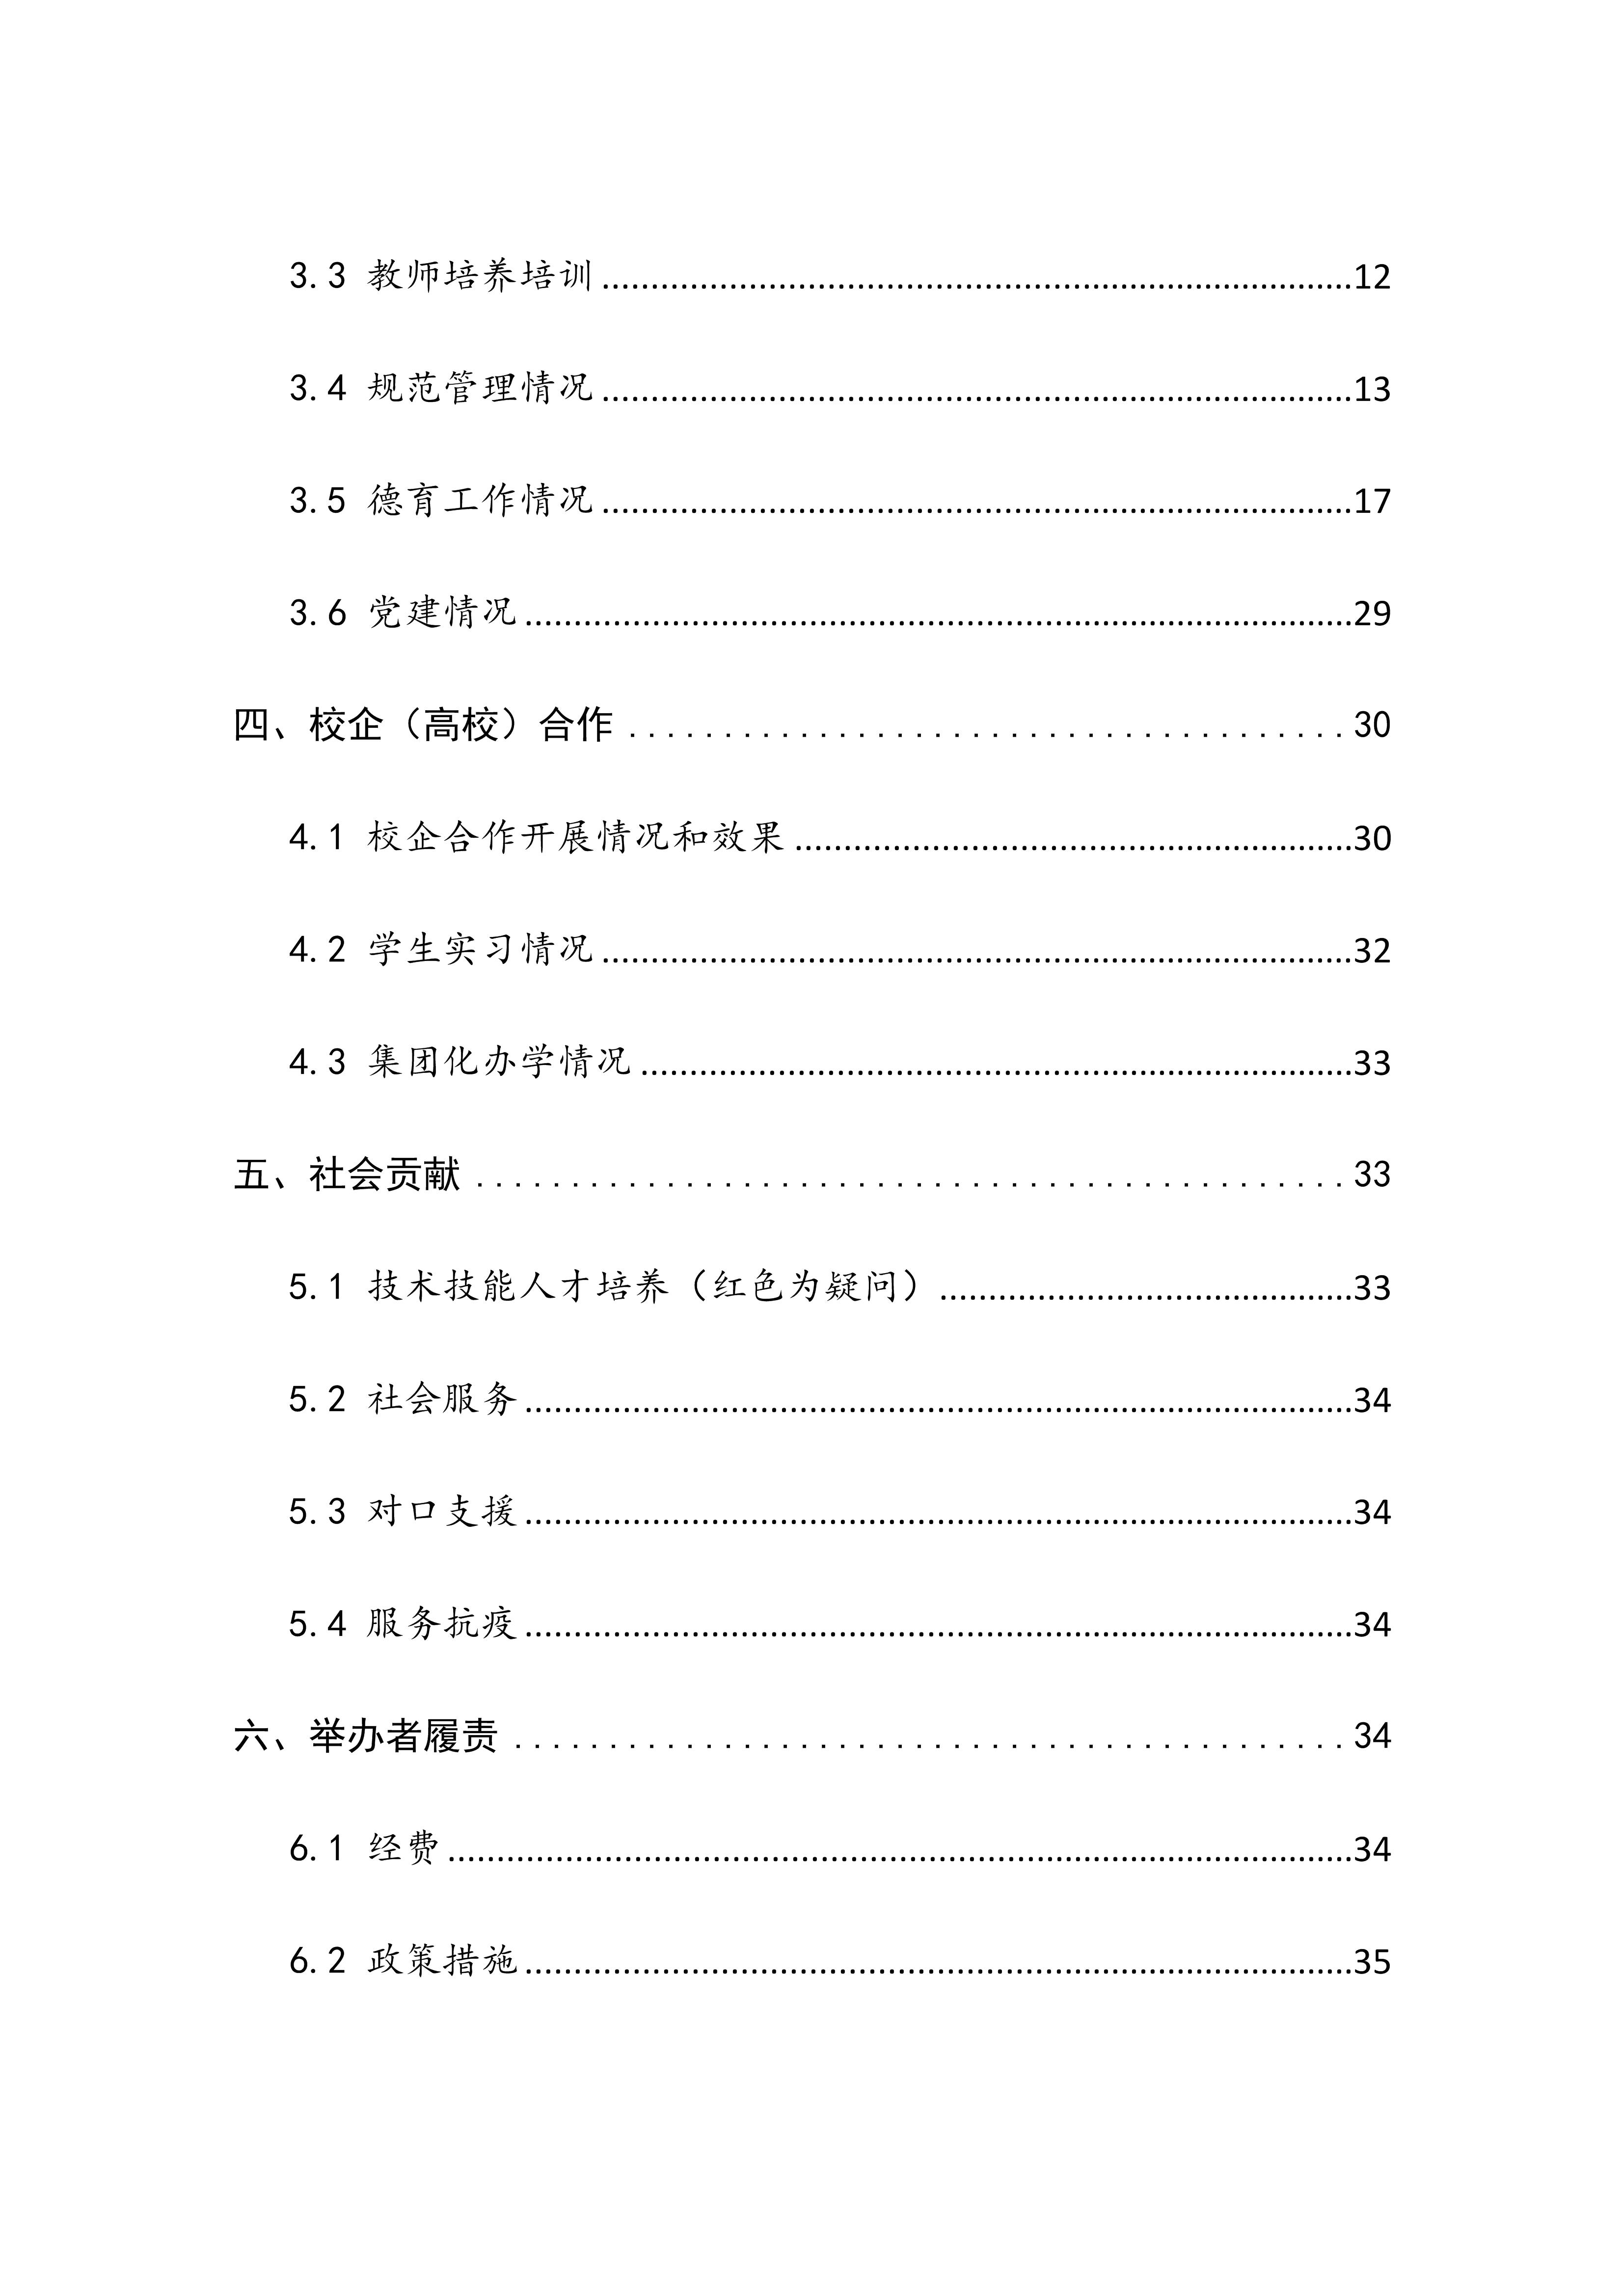 樂魚官網 質量年度報告